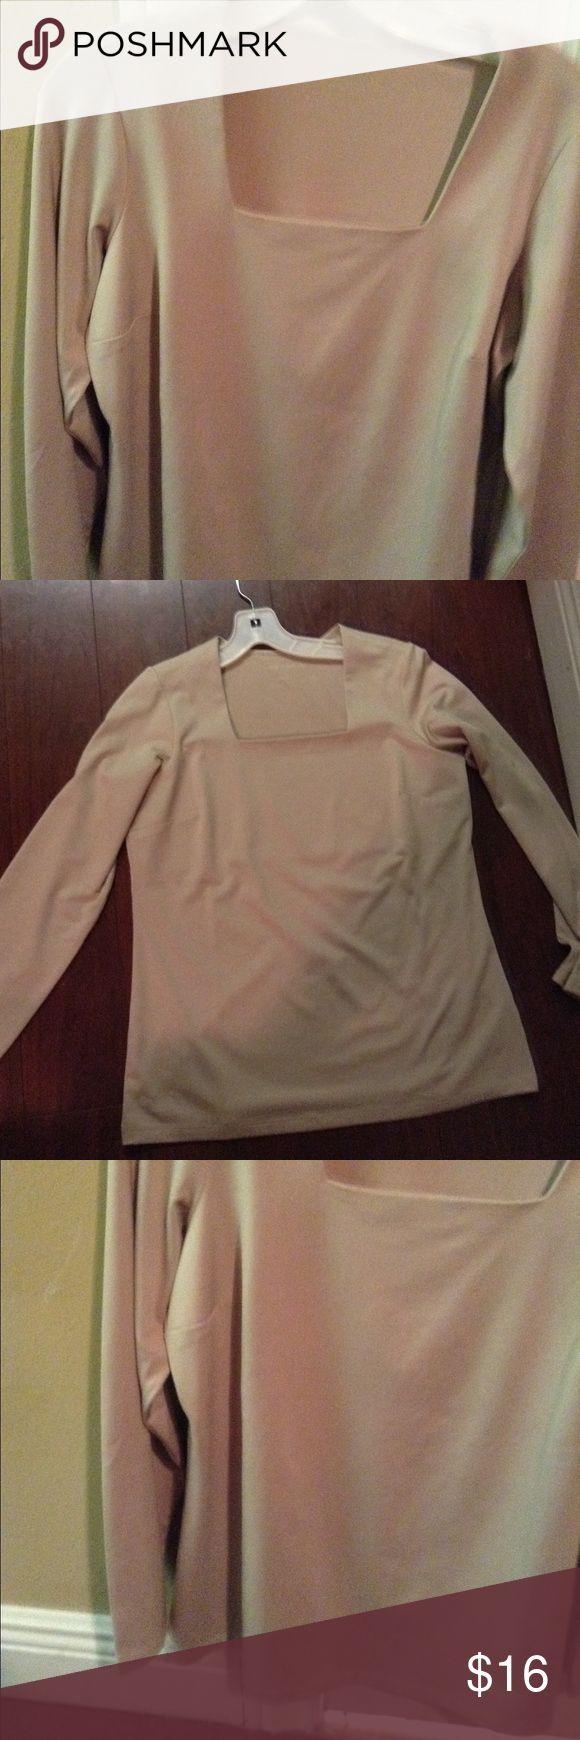 Small Susan Graver tan shirt Small Susan Graver tan shirt. Worn once Susan Graver Tops Blouses